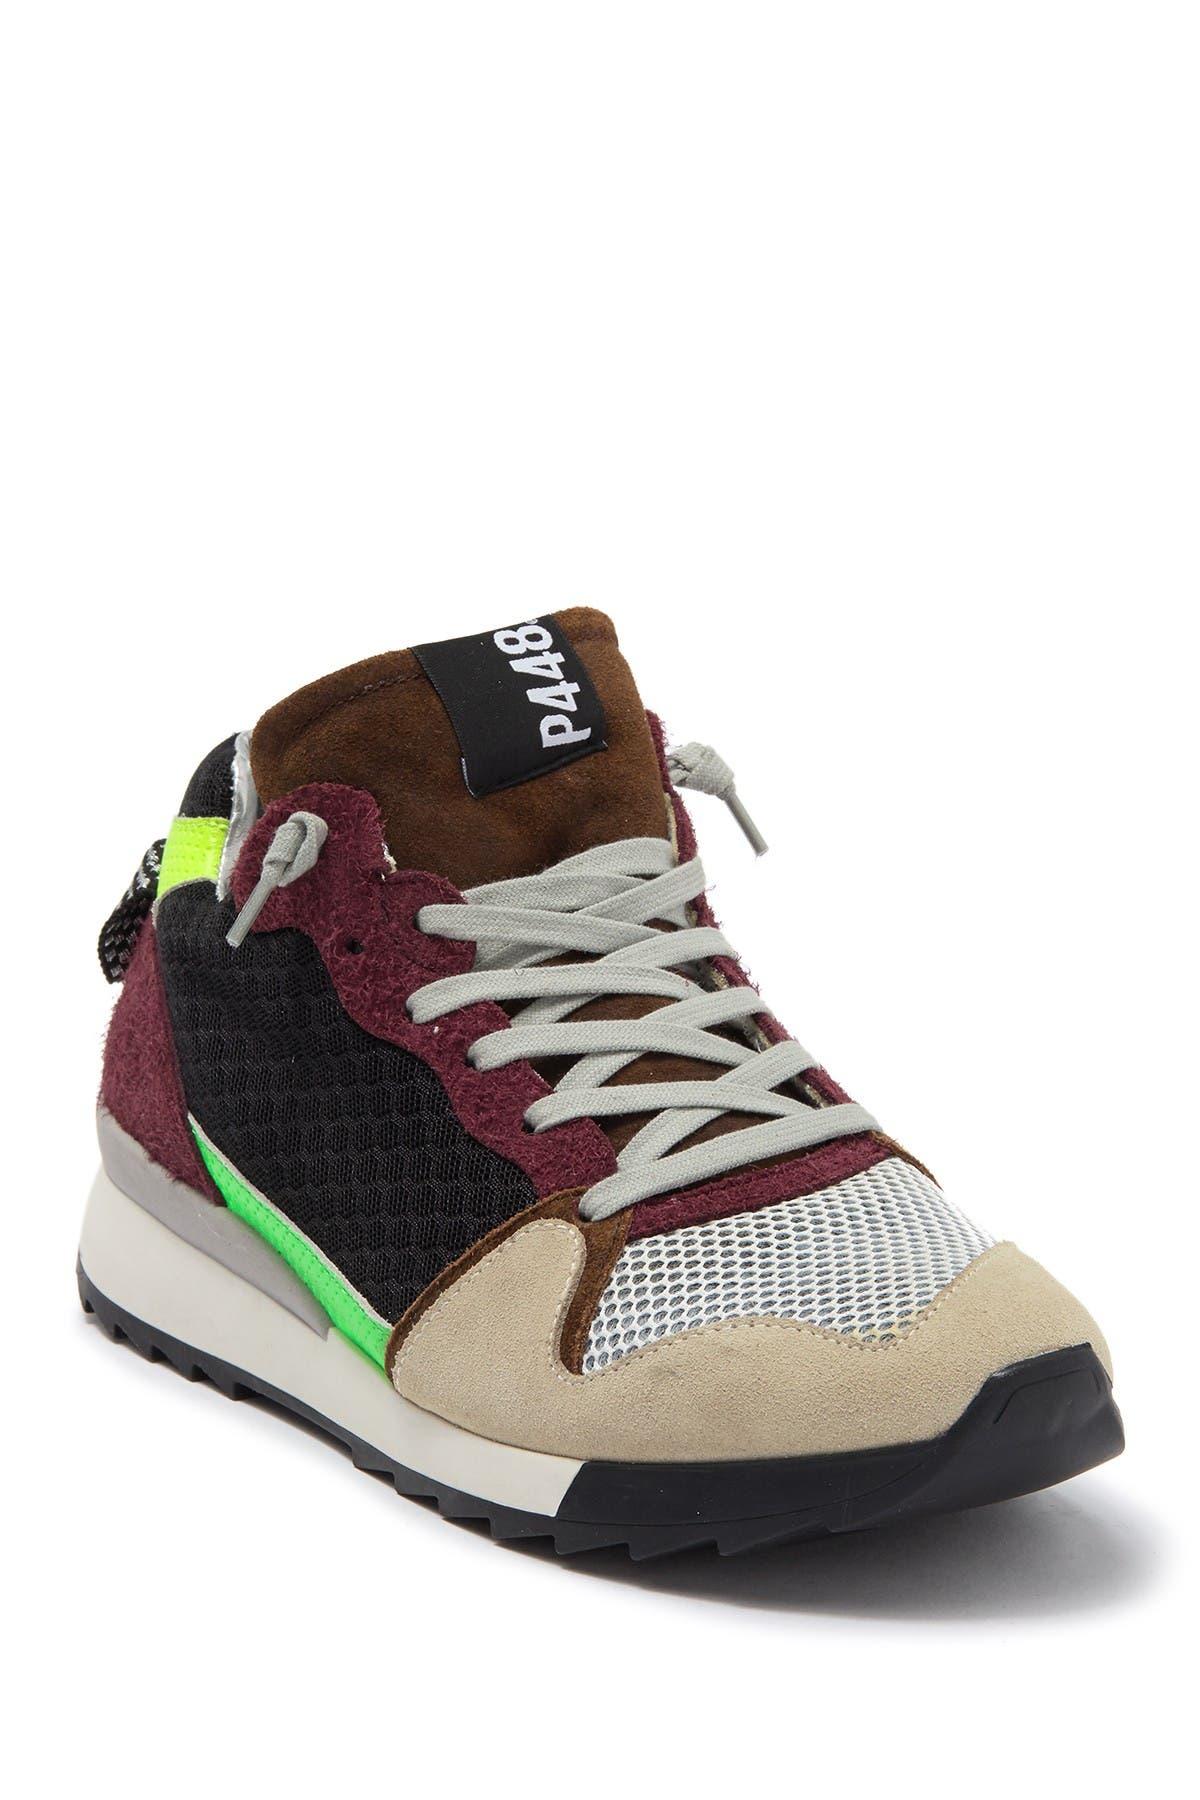 Image of P448 A8 Colorado Sneaker